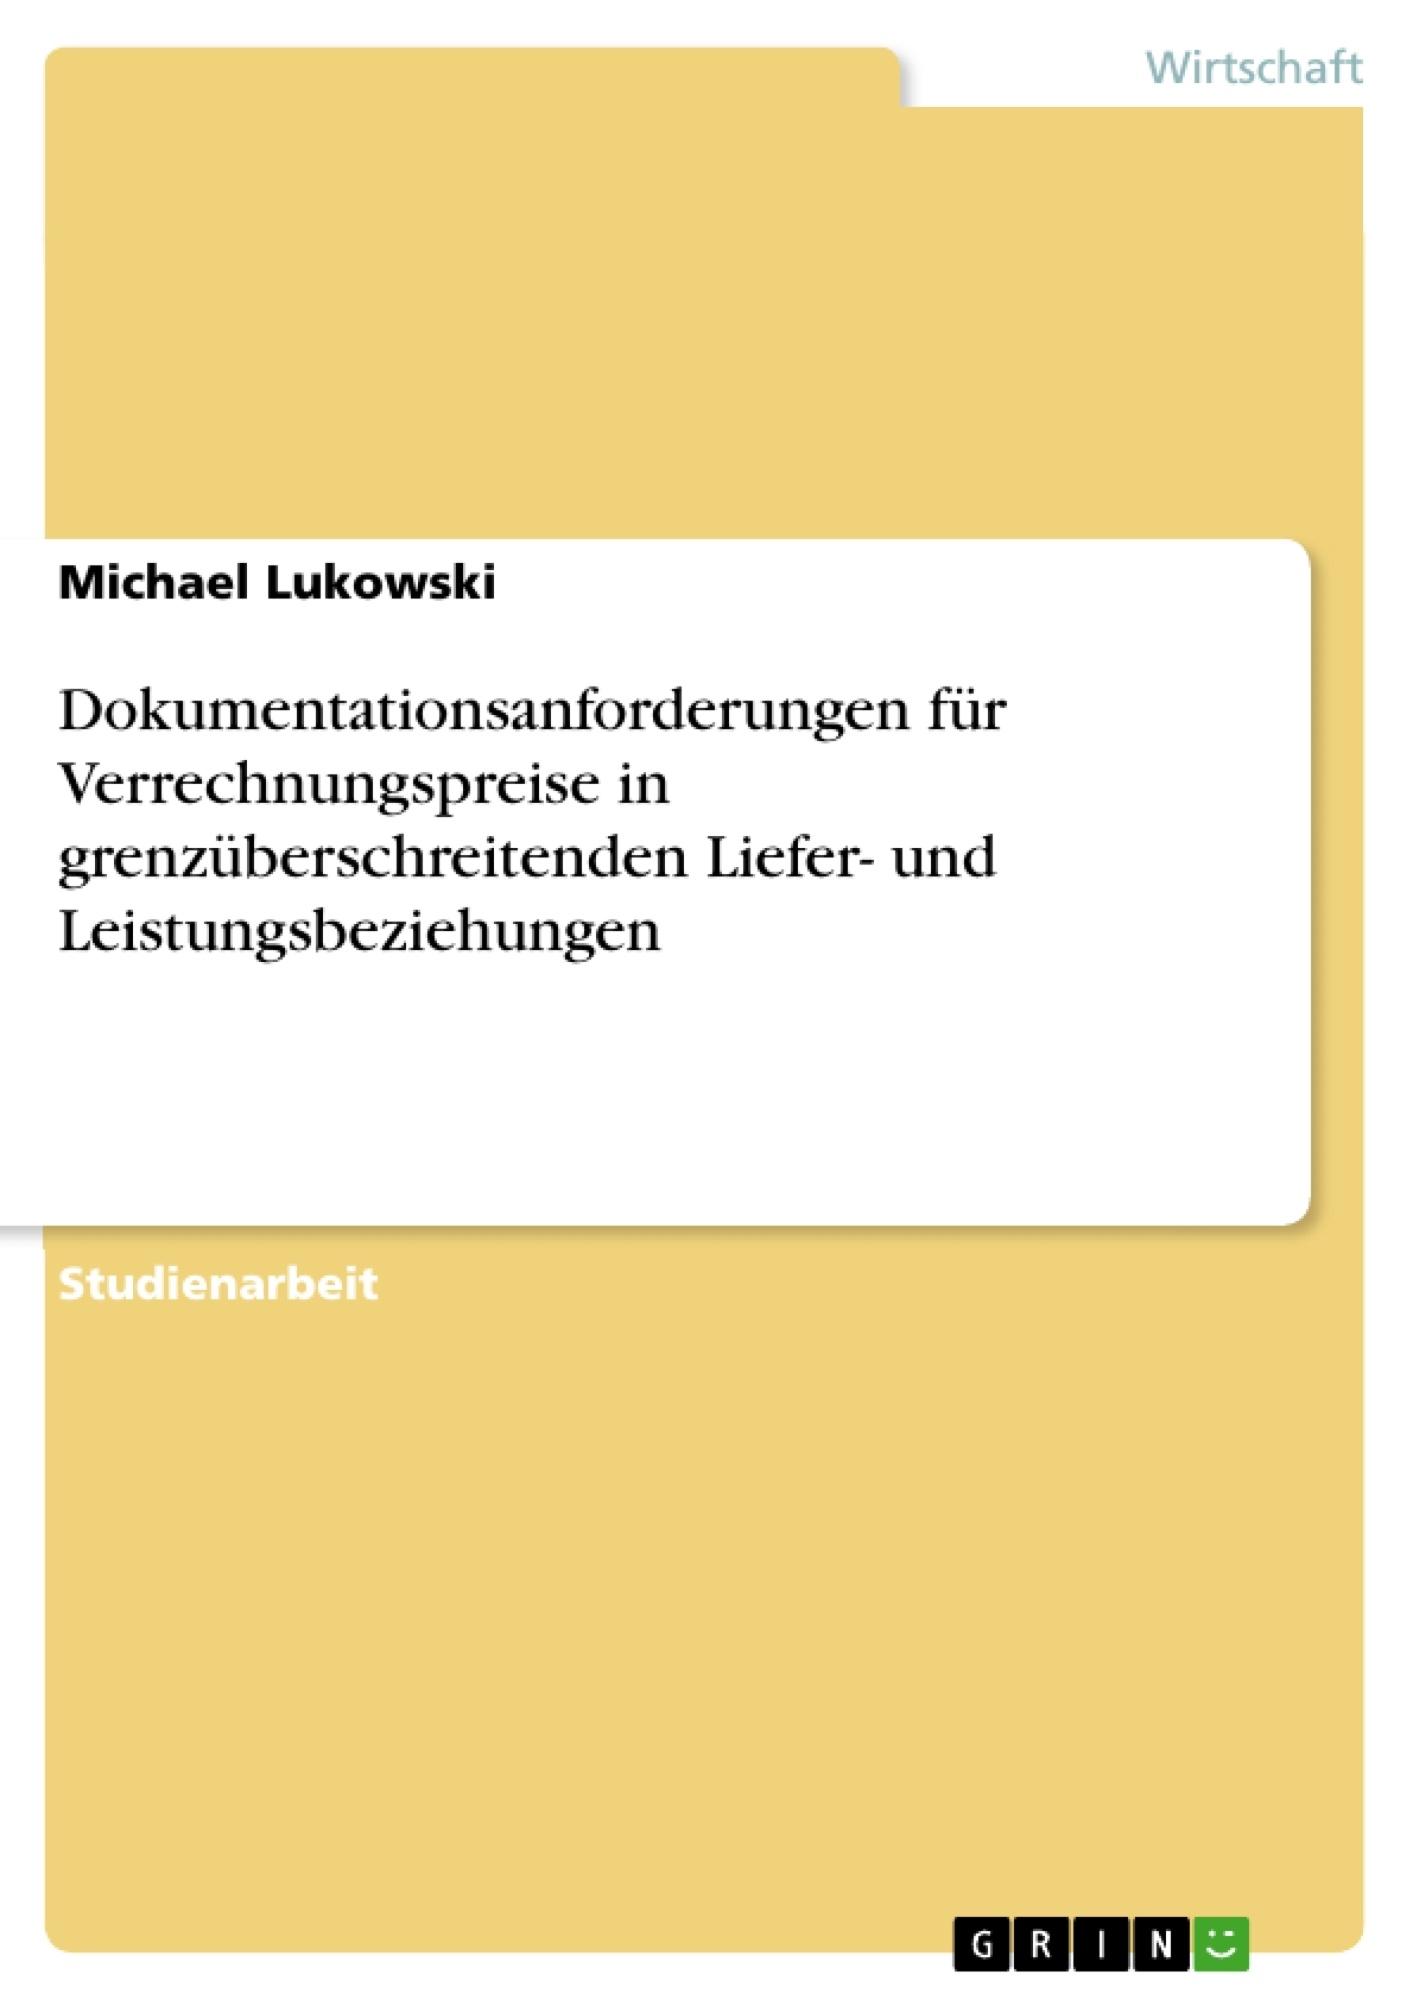 Titel: Dokumentationsanforderungen für Verrechnungspreise in grenzüberschreitenden Liefer- und Leistungsbeziehungen